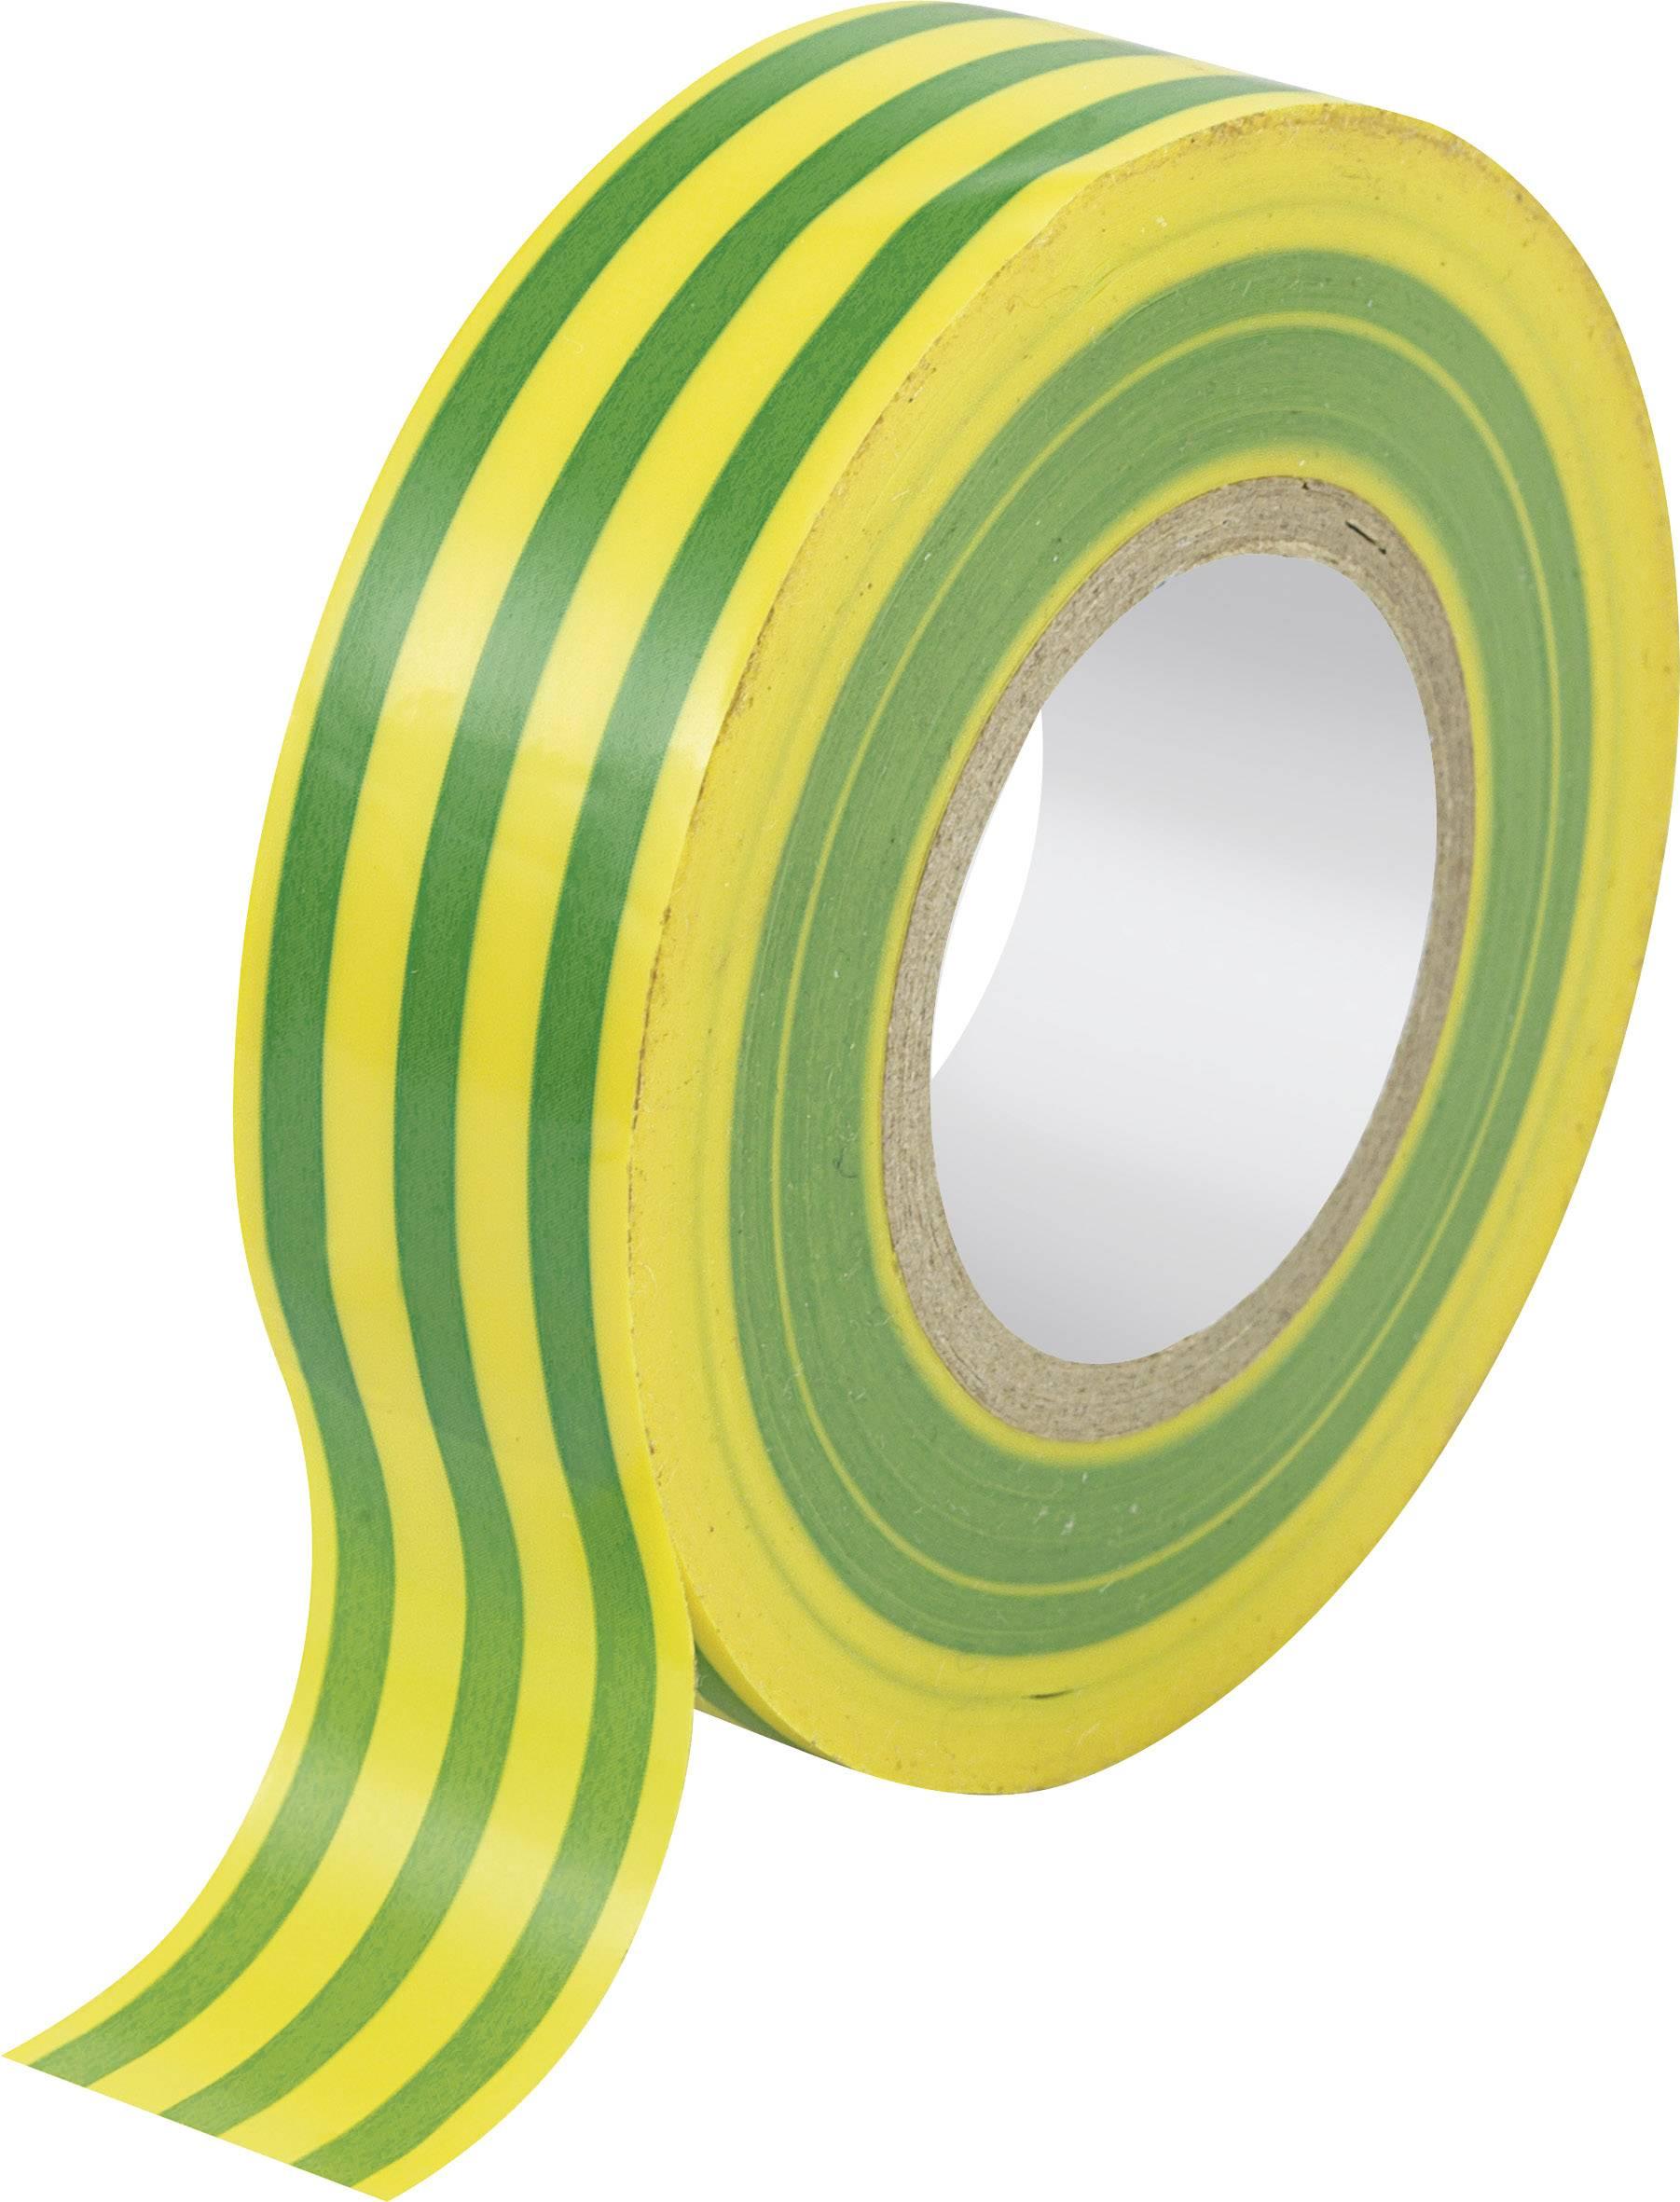 Izolační páska, 19 mm x 25 m, žlutozelená